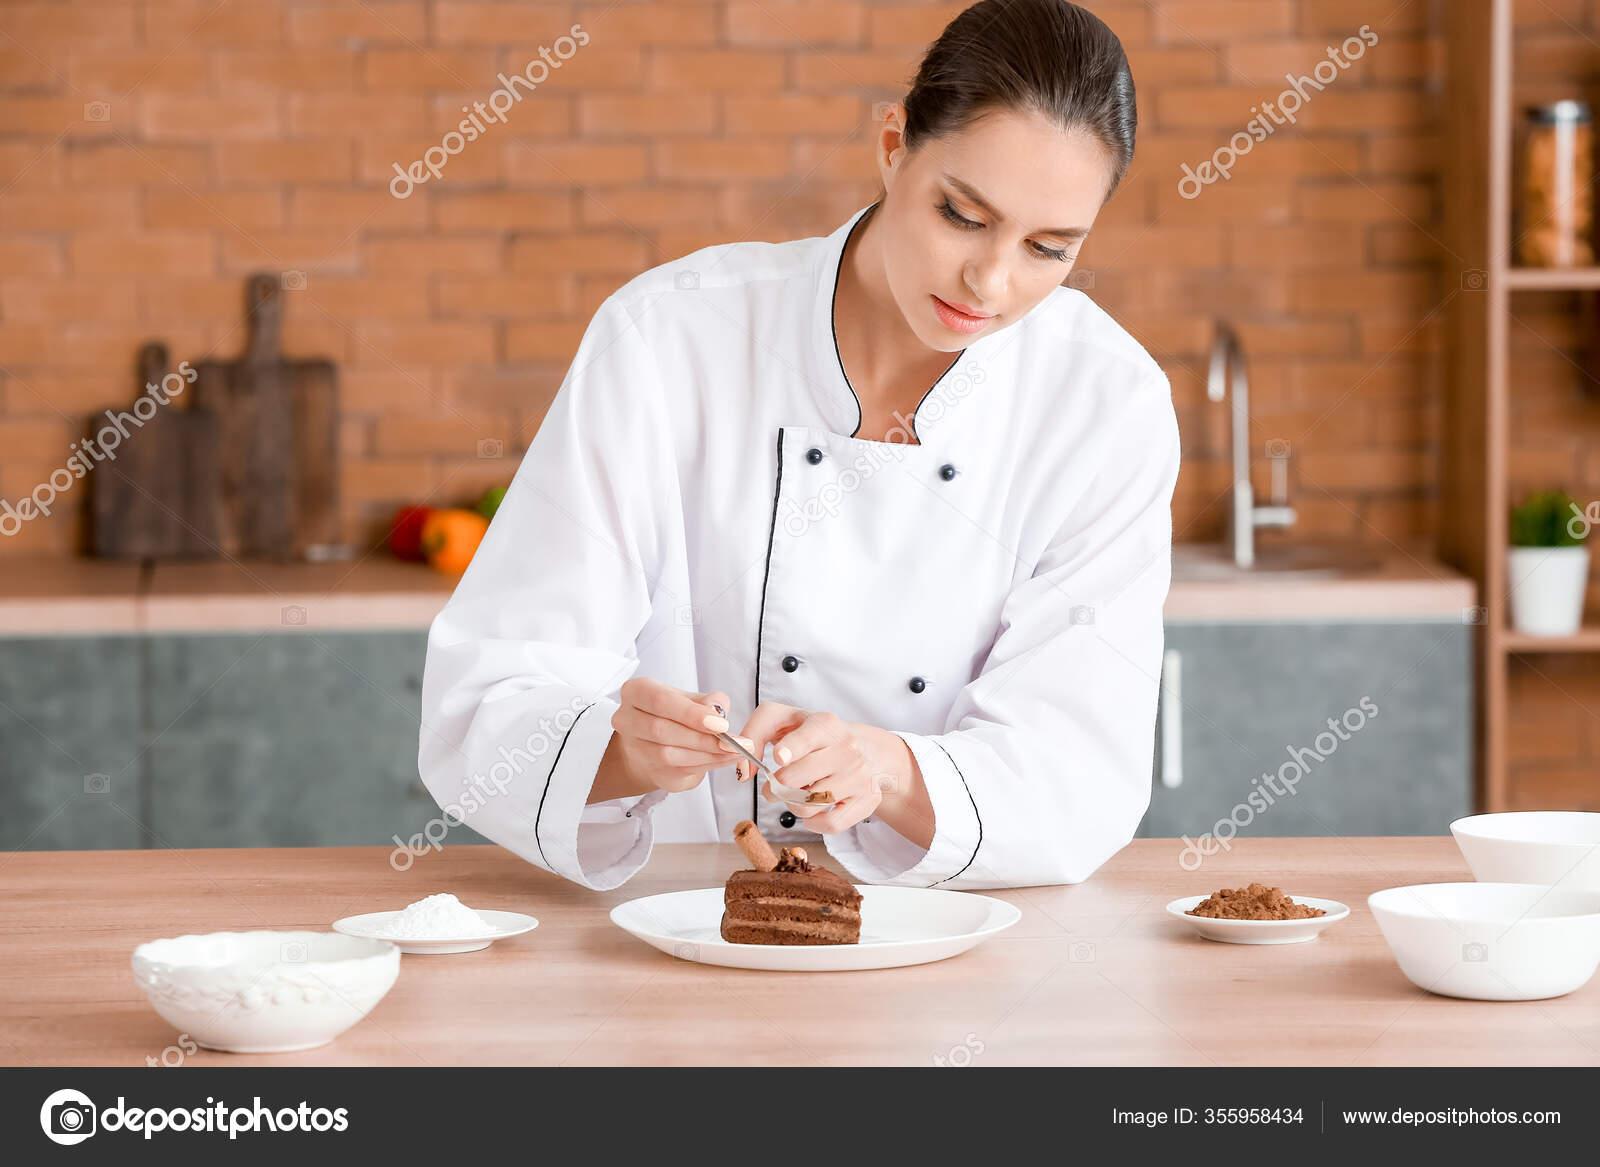 Female Chef Decorating Tasty Dessert Kitchen Stock Photo Image By C Serezniy 355958434